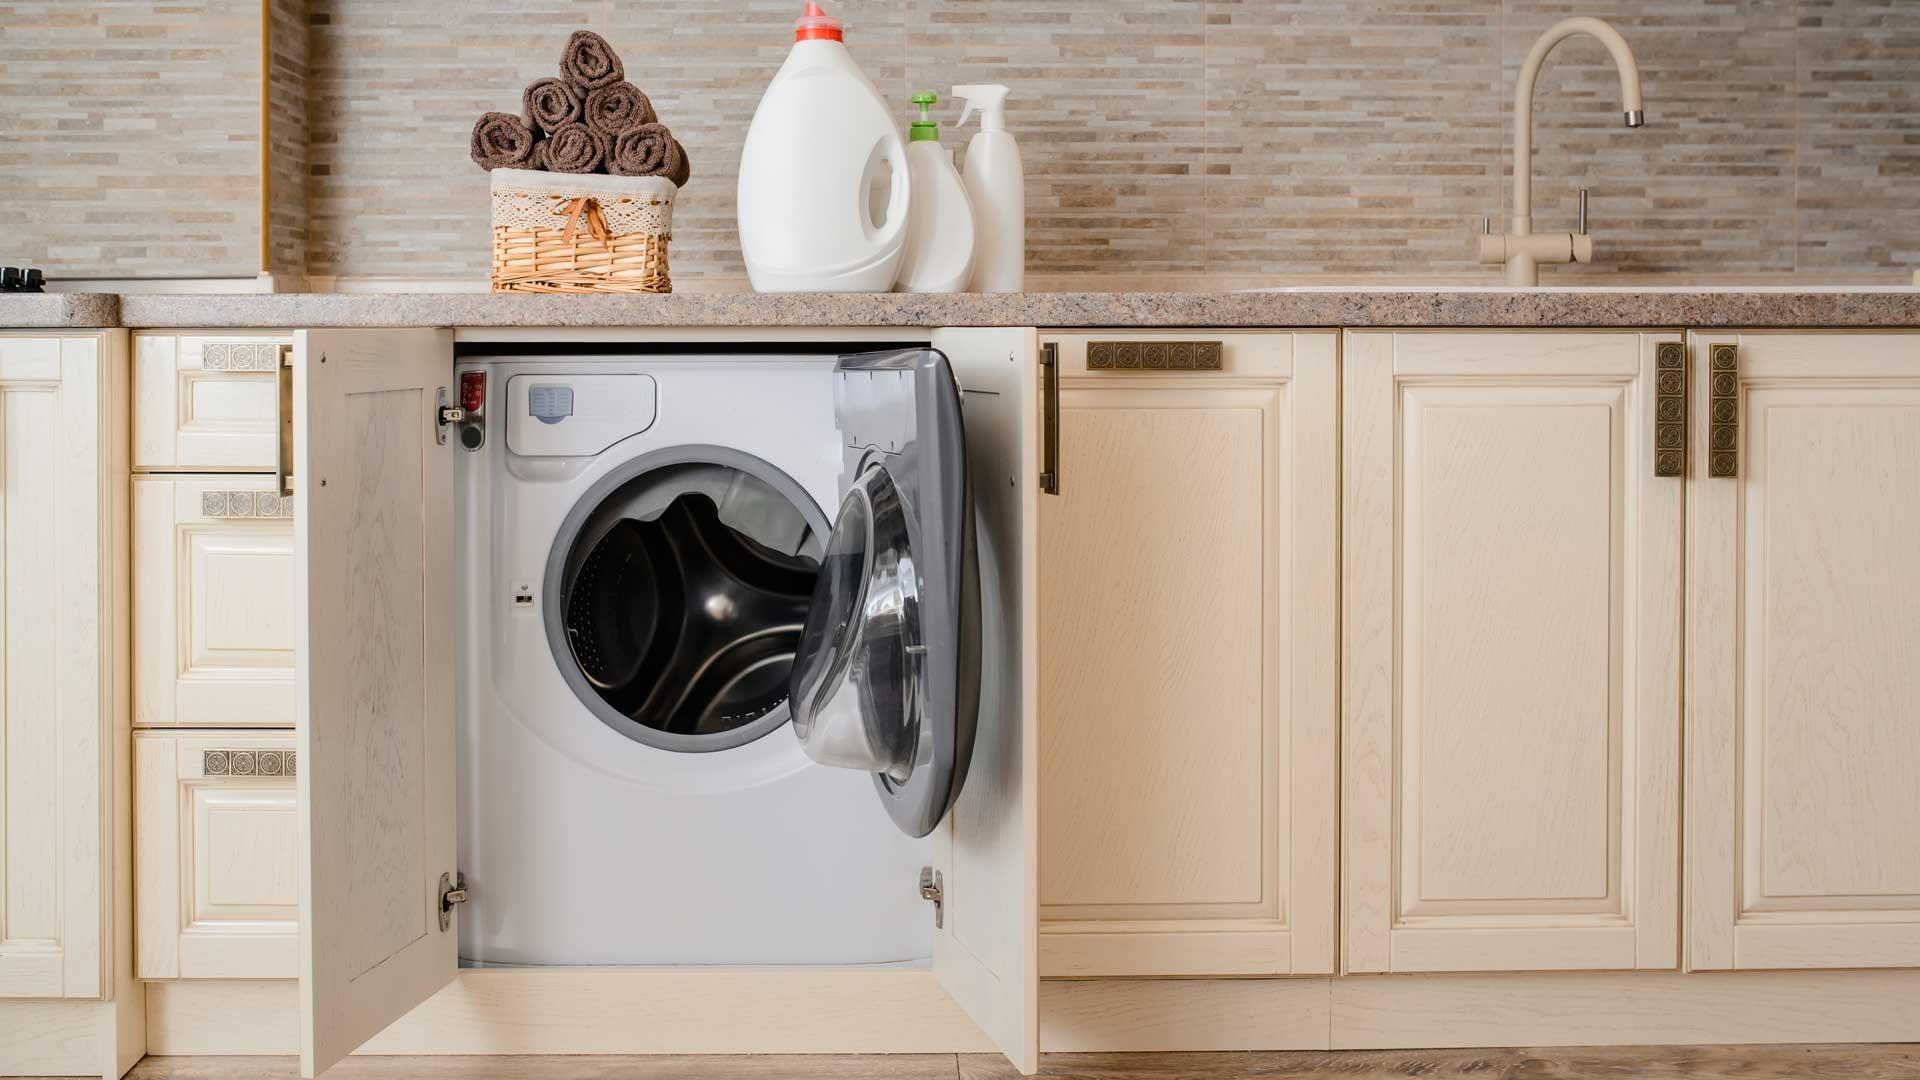 Installer Un Lave Linge Encastre Sous Un Plan De Travail De Cuisine